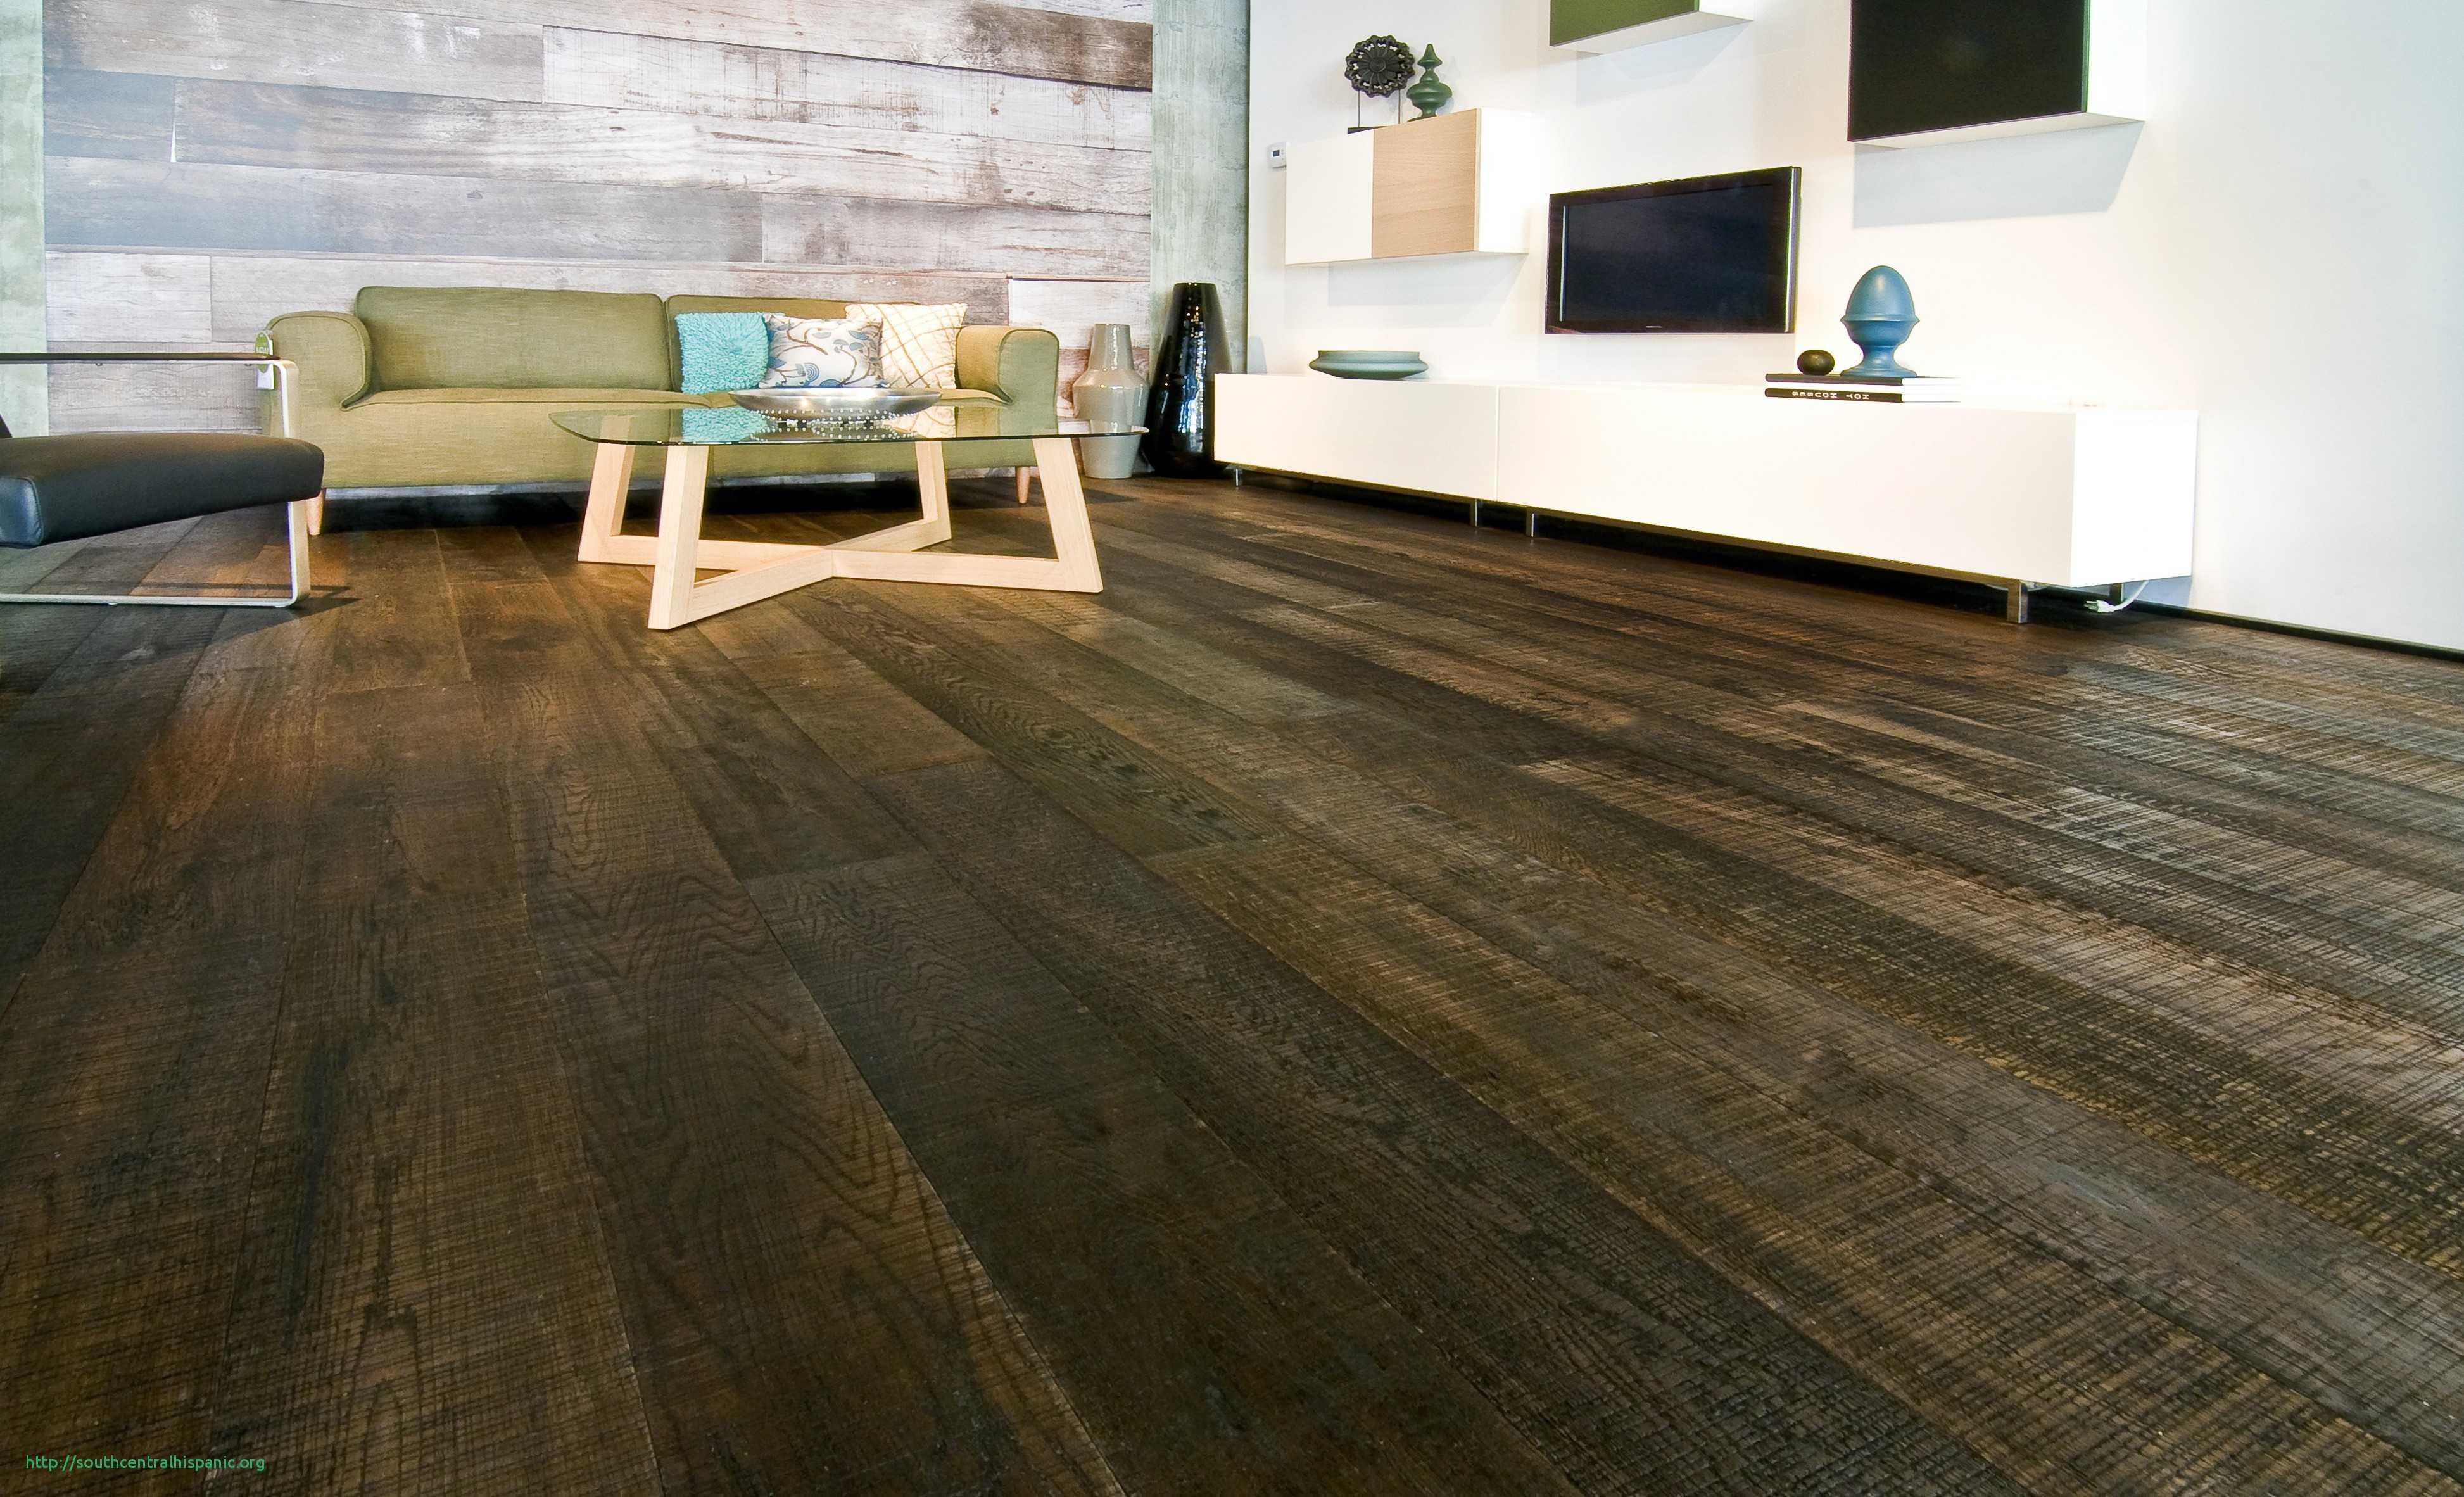 waterproof engineered hardwood flooring of waterproof laminate wood flooring 23 inspirant best place to buy for waterproof laminate wood flooring 23 inspirant best place to buy laminate flooring